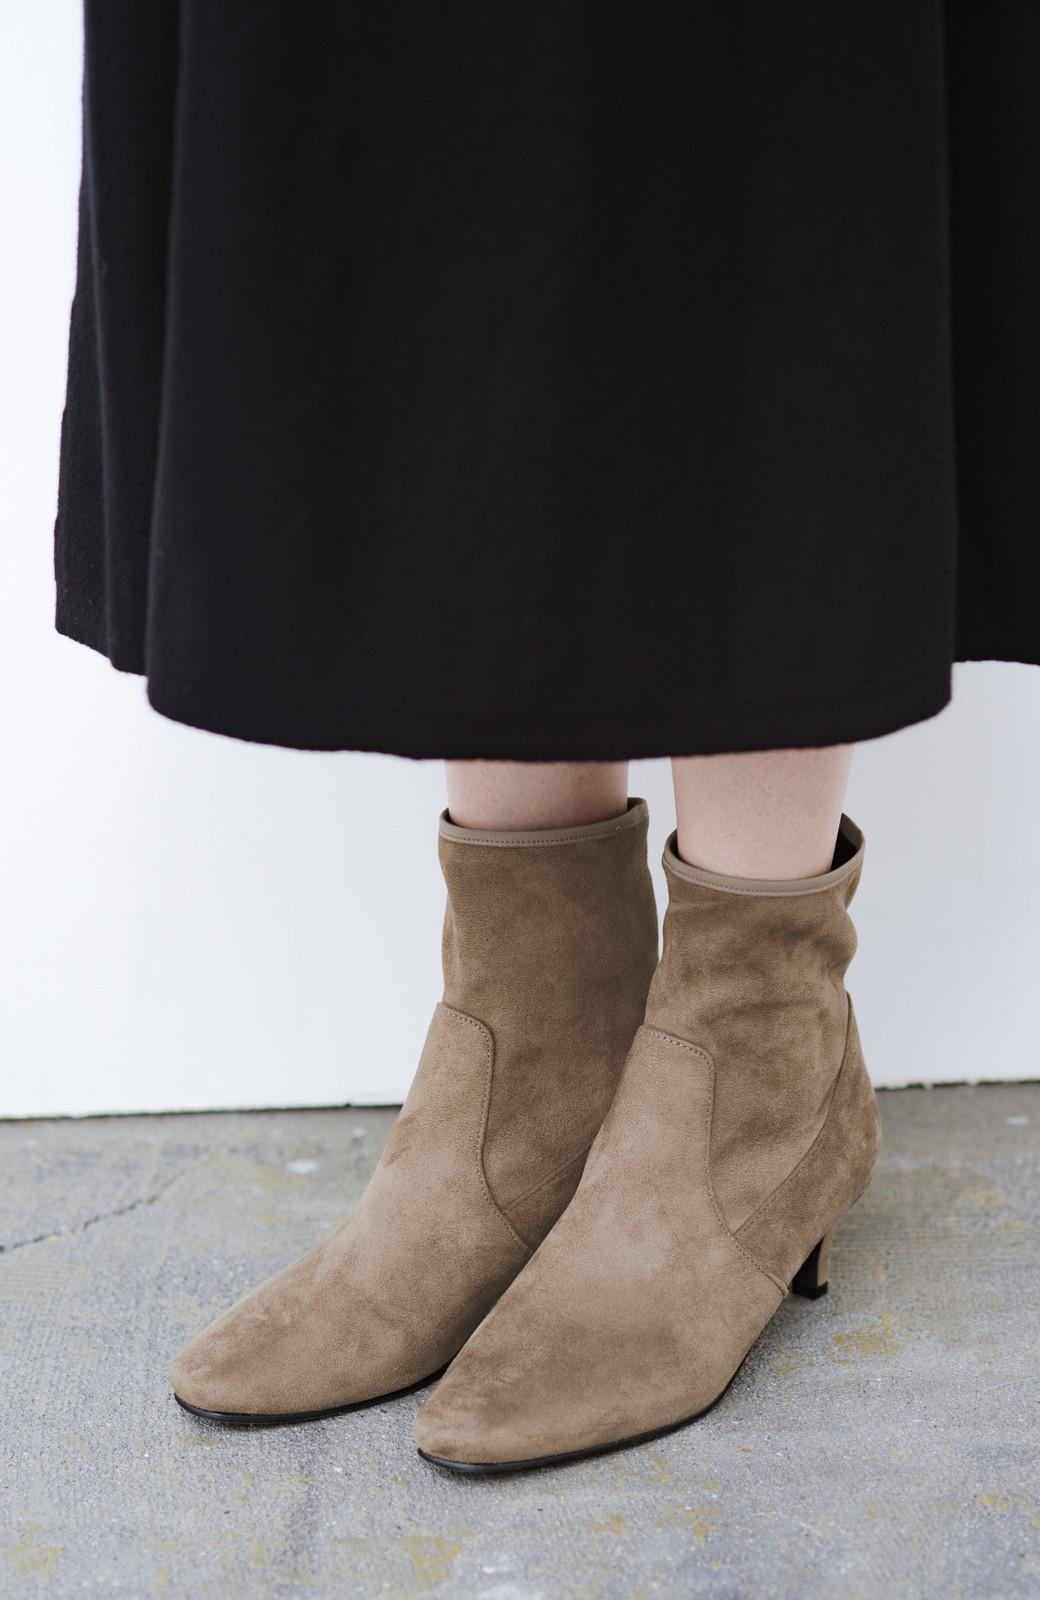 haco! デニムにもスカートにも似合う!すぽっと履けてスタイルアップが叶う女っぽフェイクスエードブーツ <ブラウン>の商品写真1